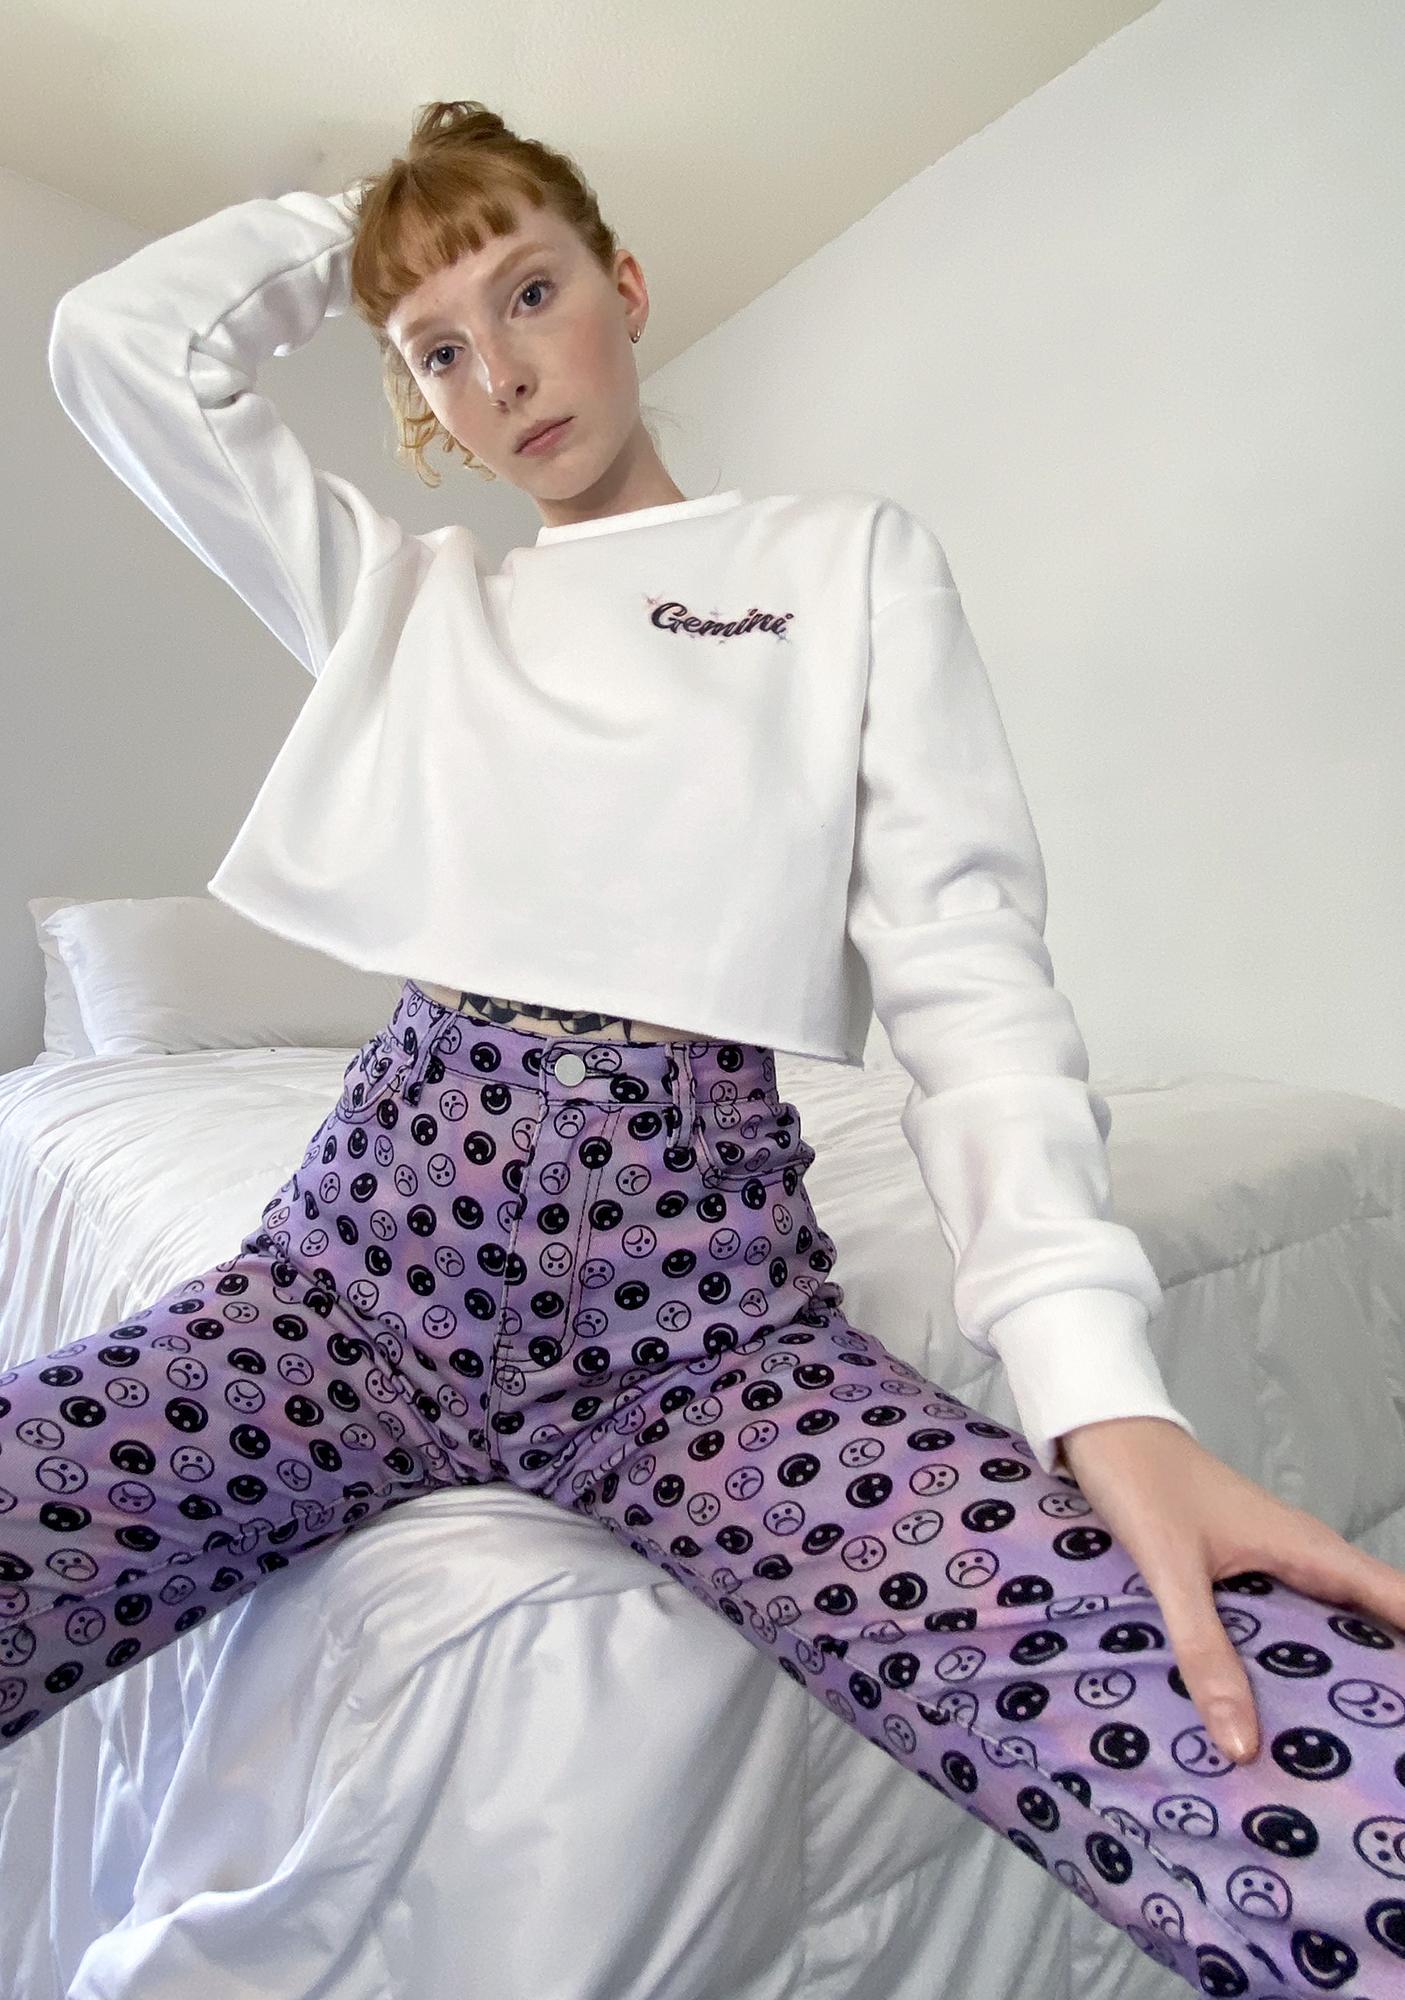 HOROSCOPEZ Gemini Rep Your Roots Airbrush Sweater